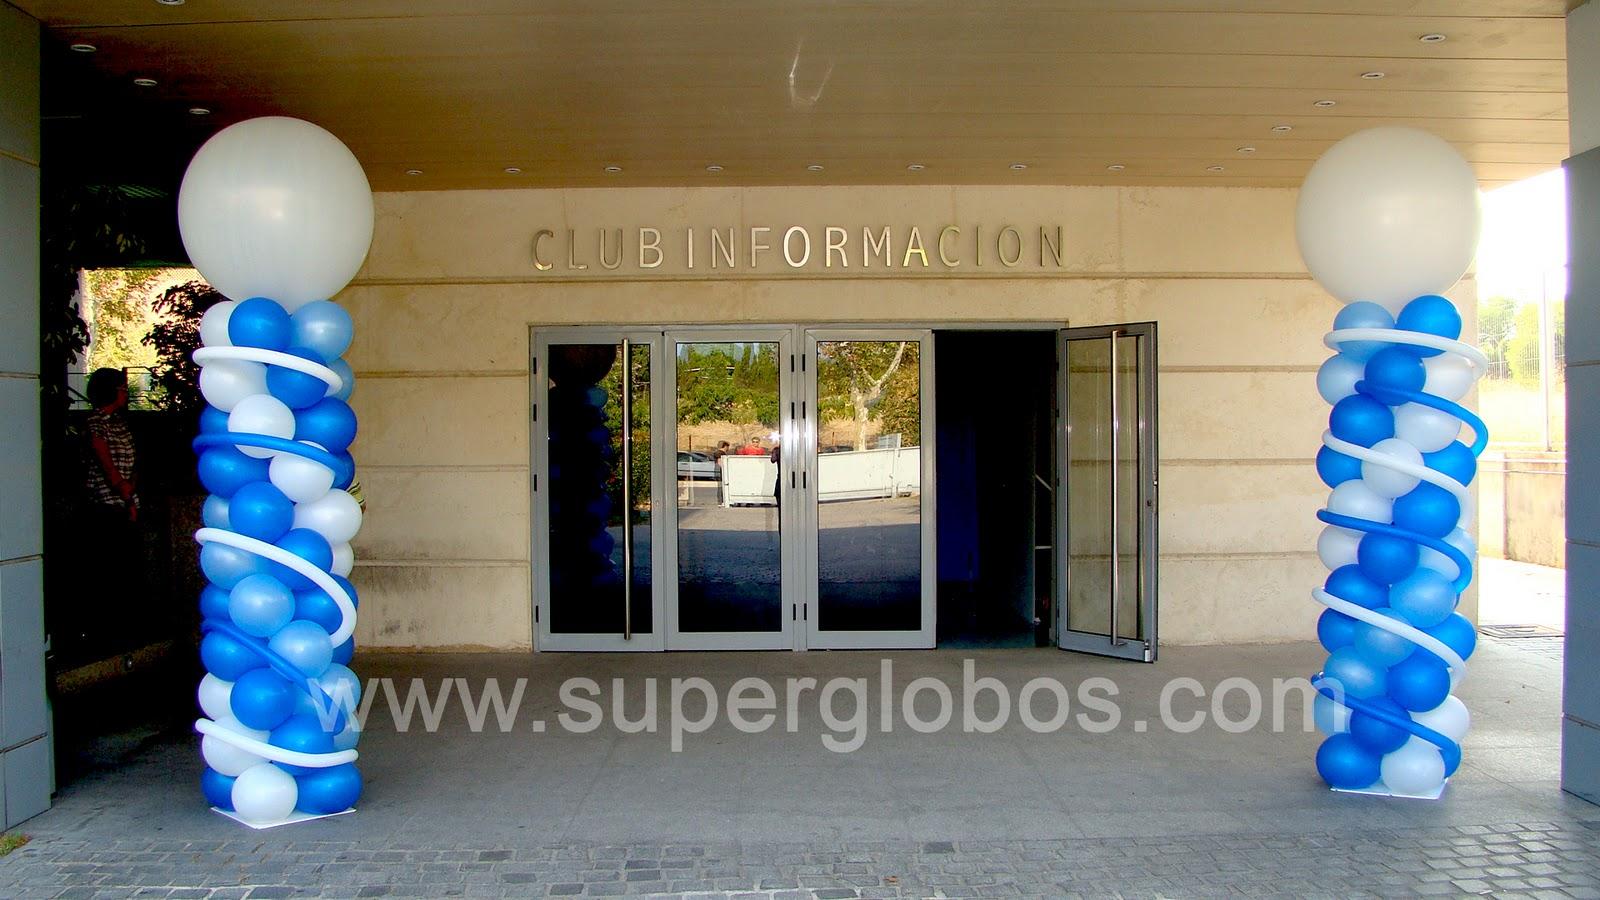 Decoraci n con globos para eventos y fiestas superglobos - Globos para eventos ...